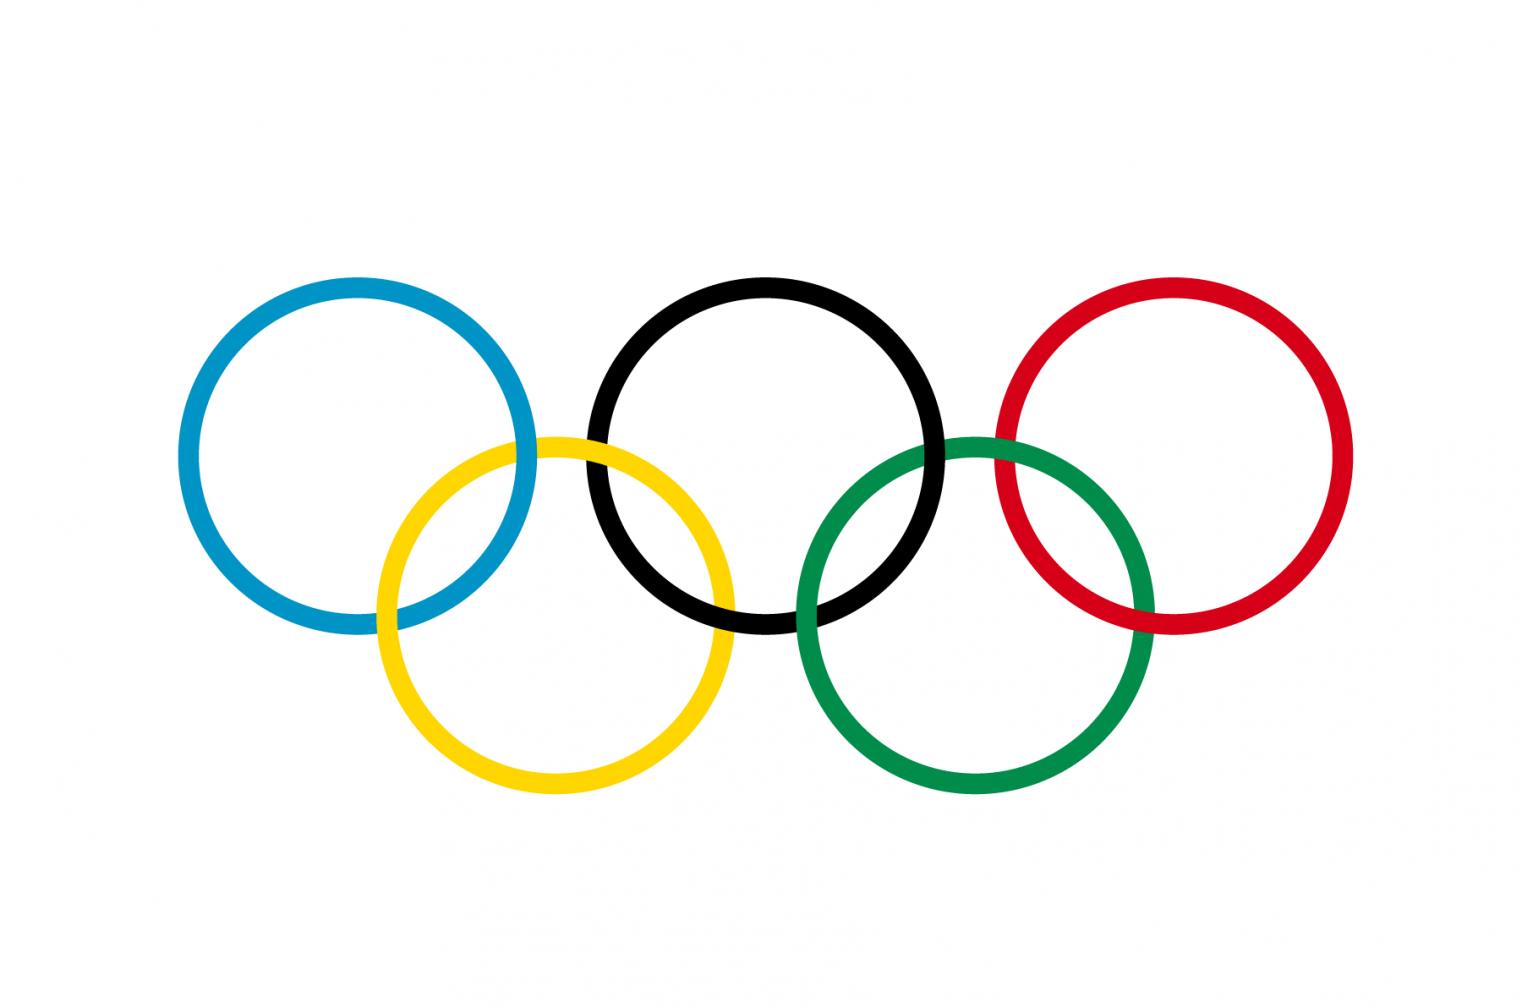 いま話題の東京オリンピック関連ムービーを厳選紹介